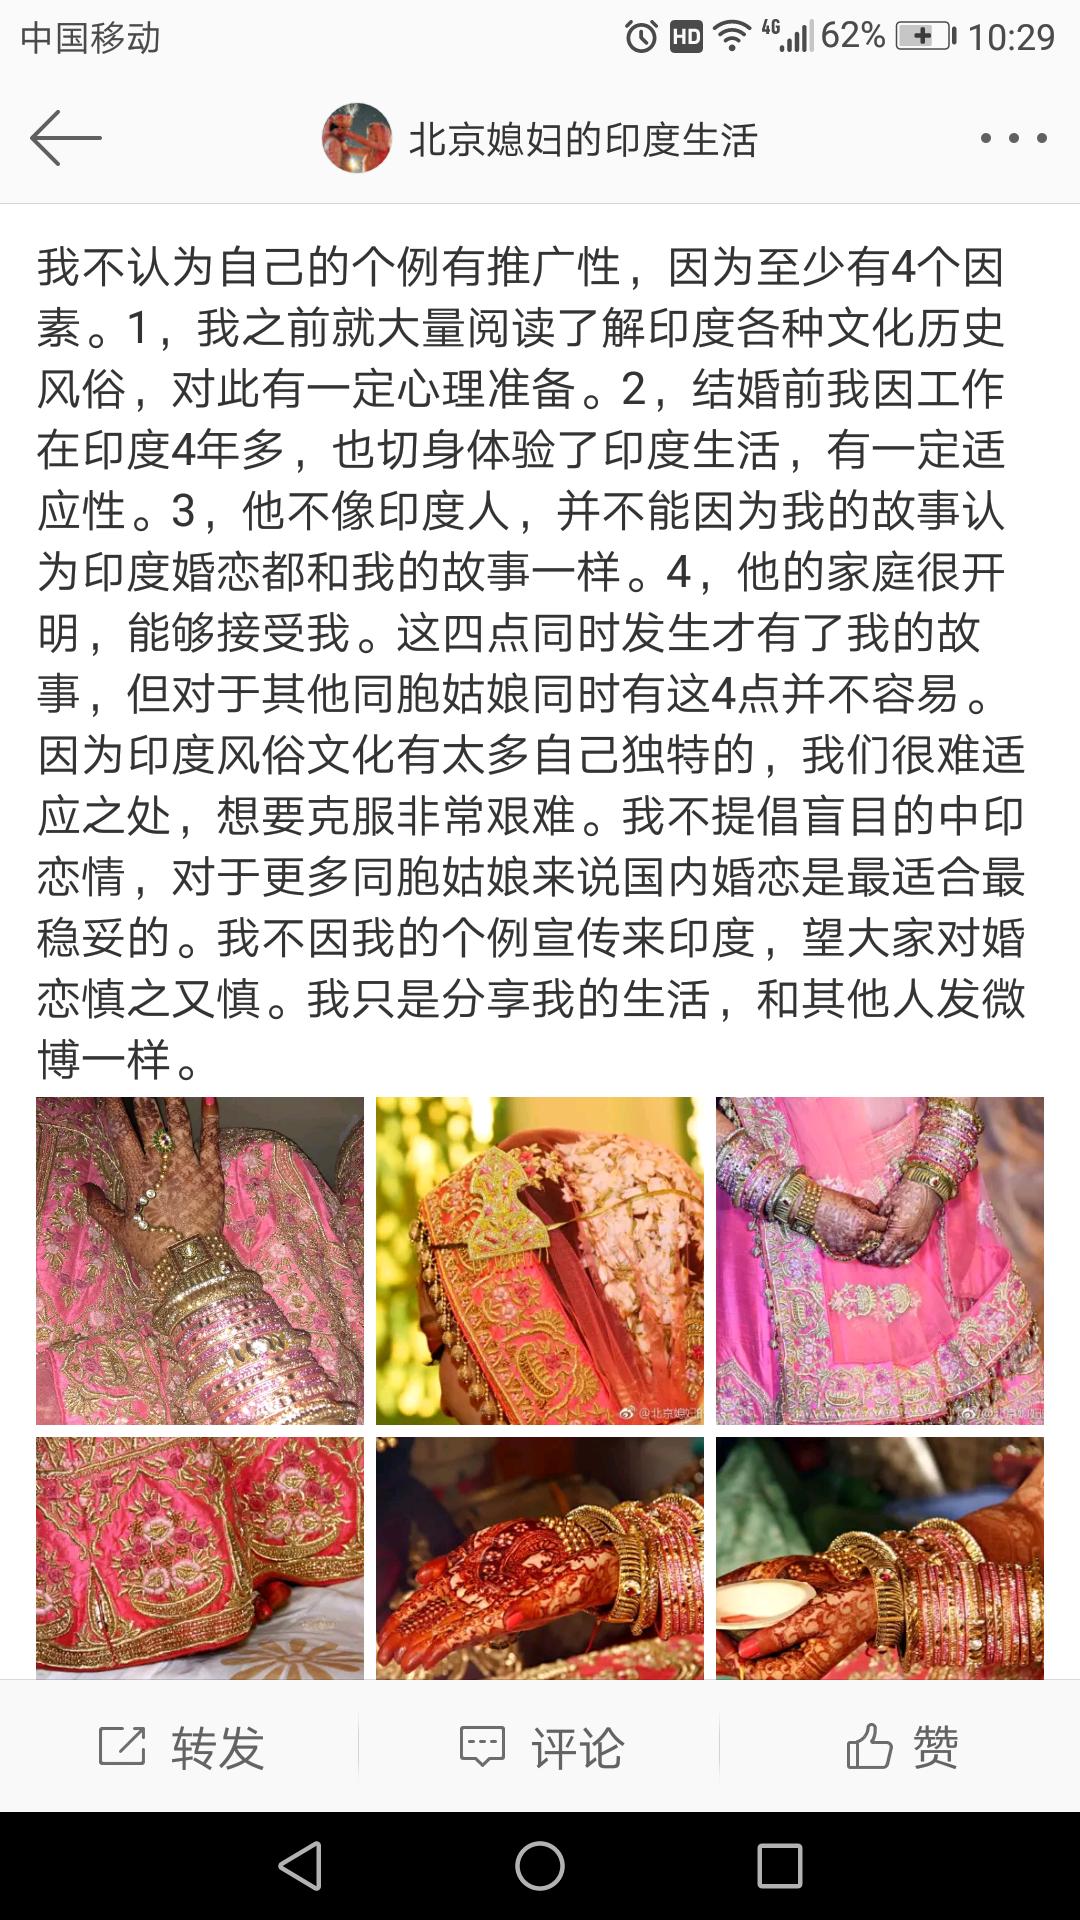 如何看待微博博主【北京媳妇的印度生活】介绍